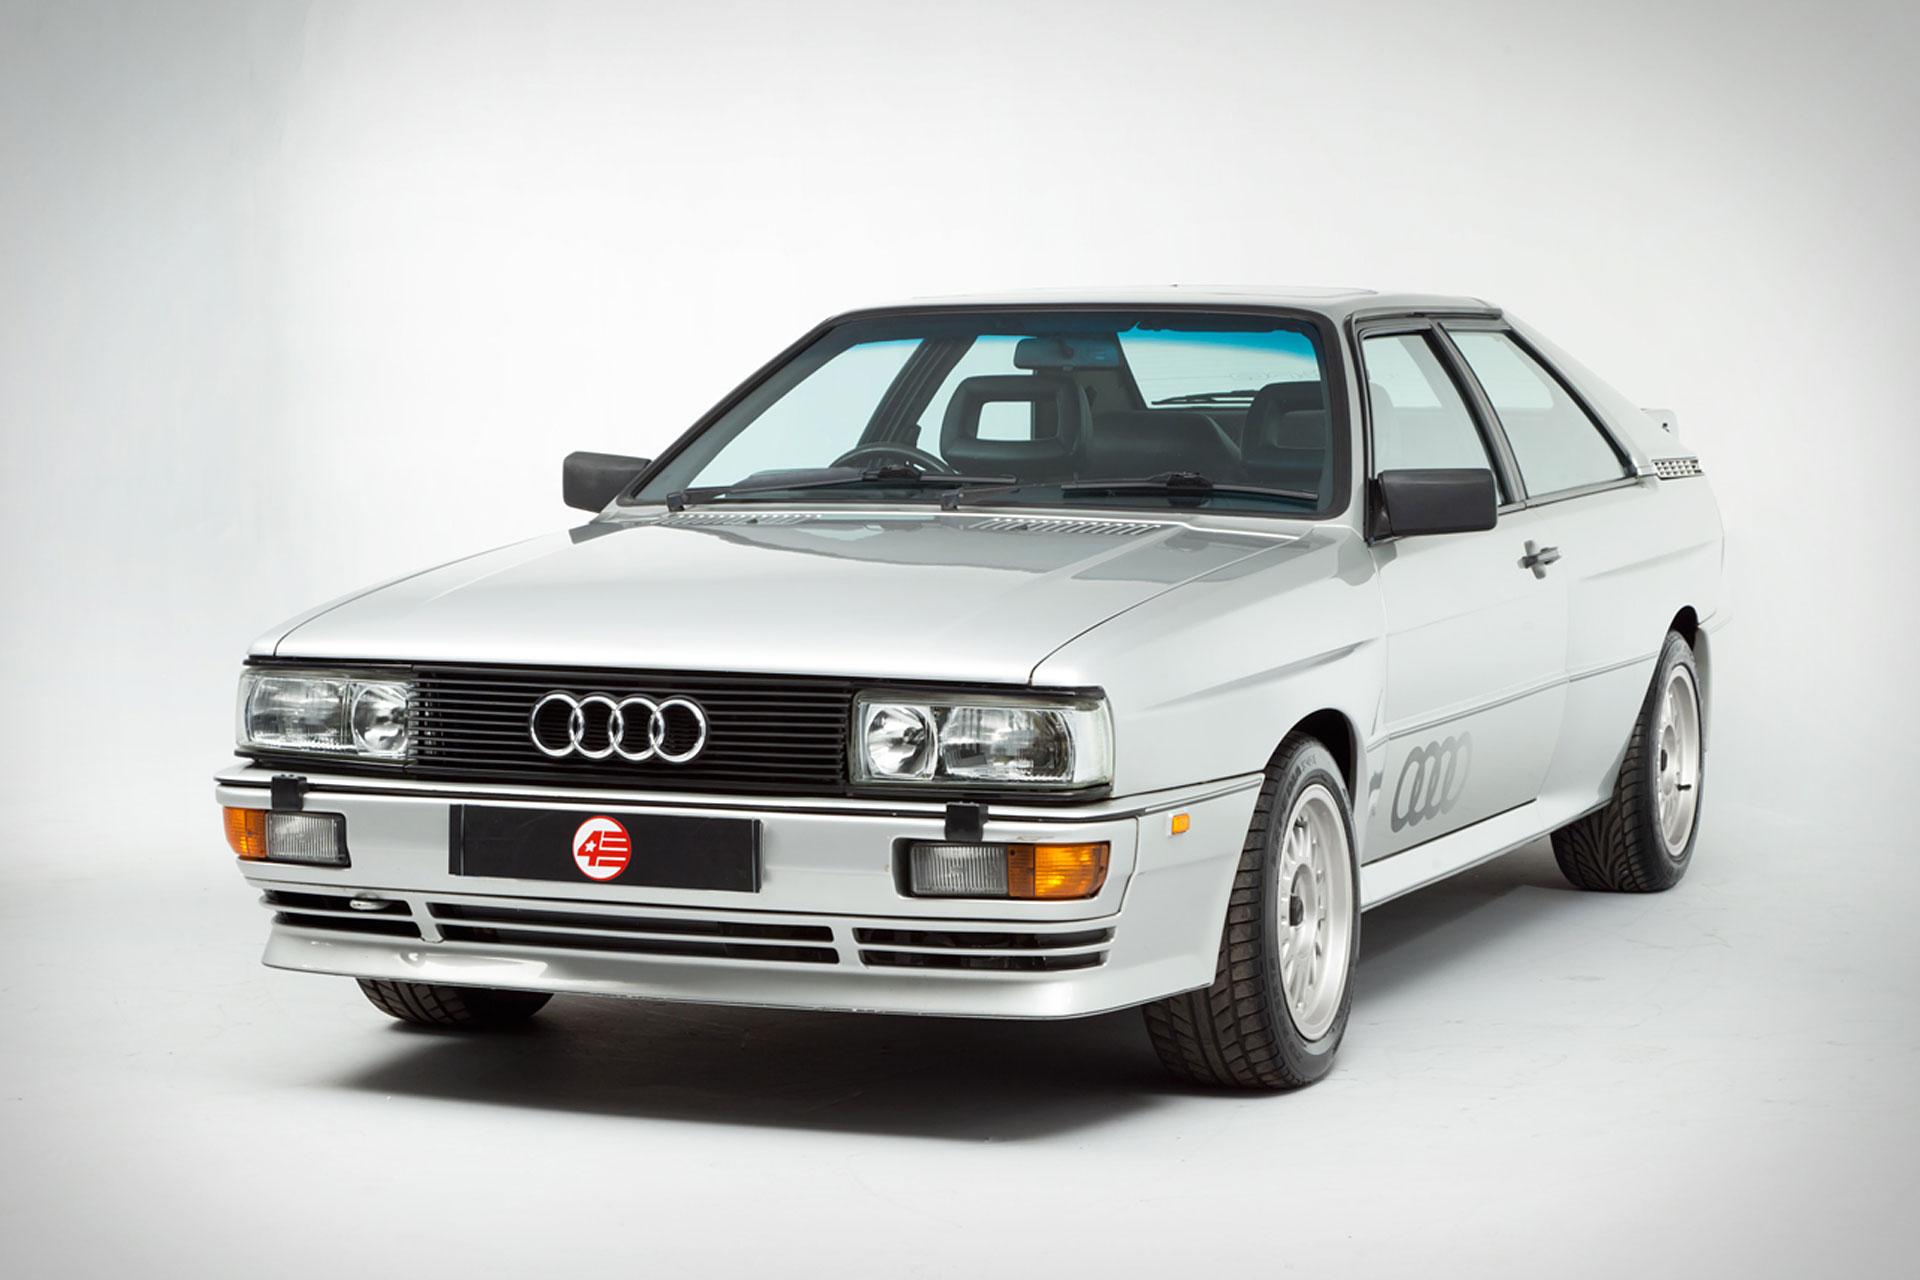 Audi RR Quattro V Uncrate - Audi quattro